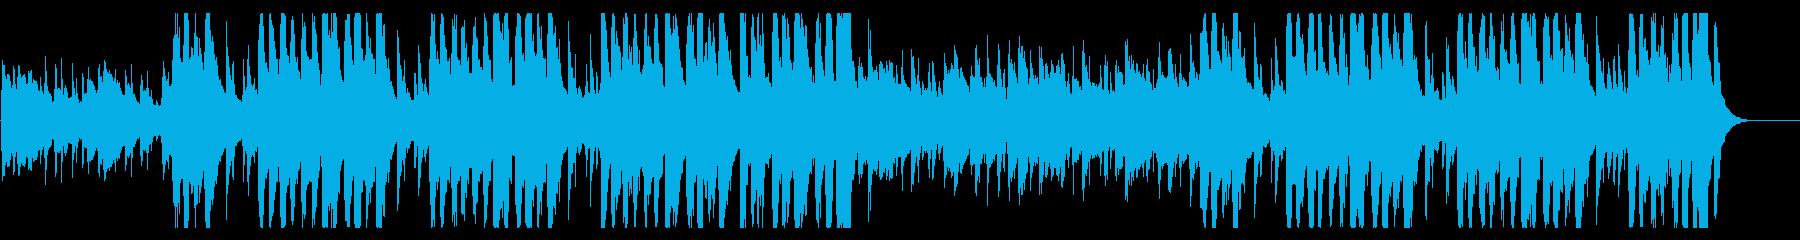 口笛とウクレレのコミカルで楽しい曲の再生済みの波形